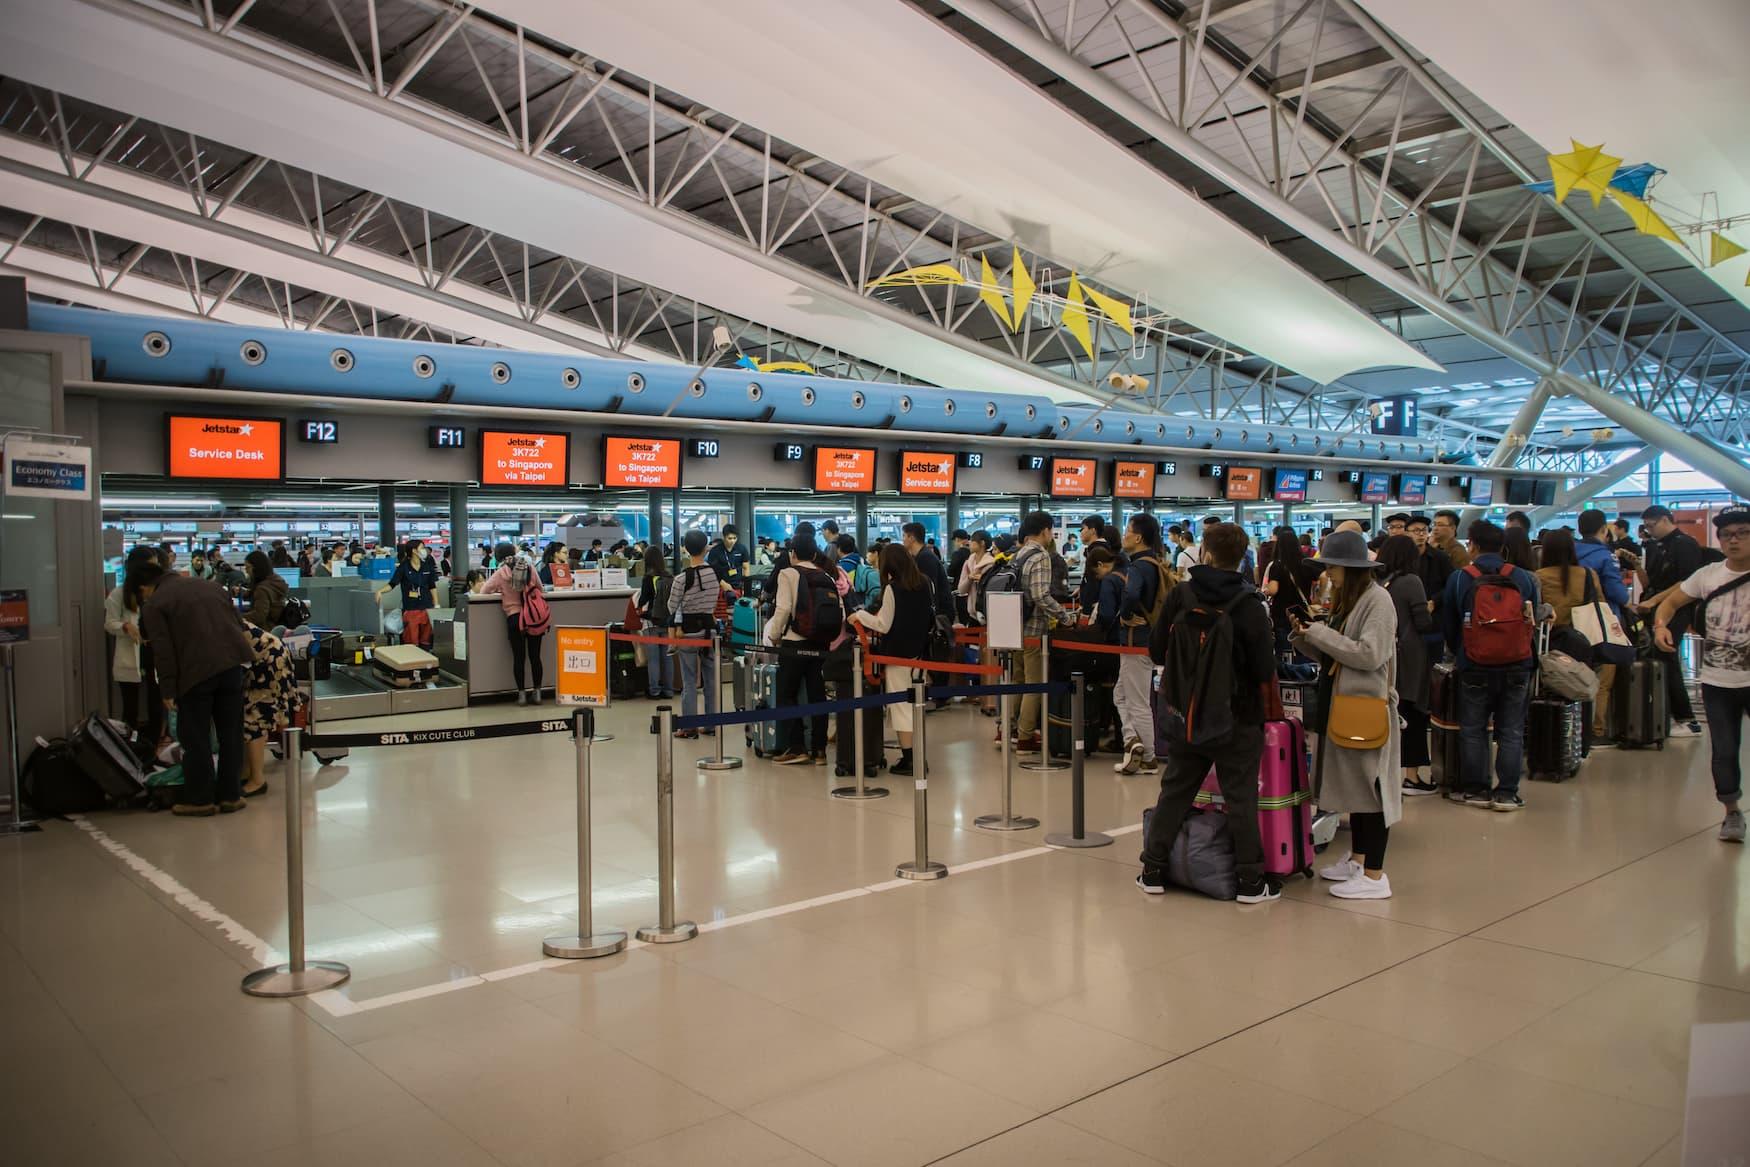 Warteschlange am Check in Schalter am Flughafen in Osaka, Japan